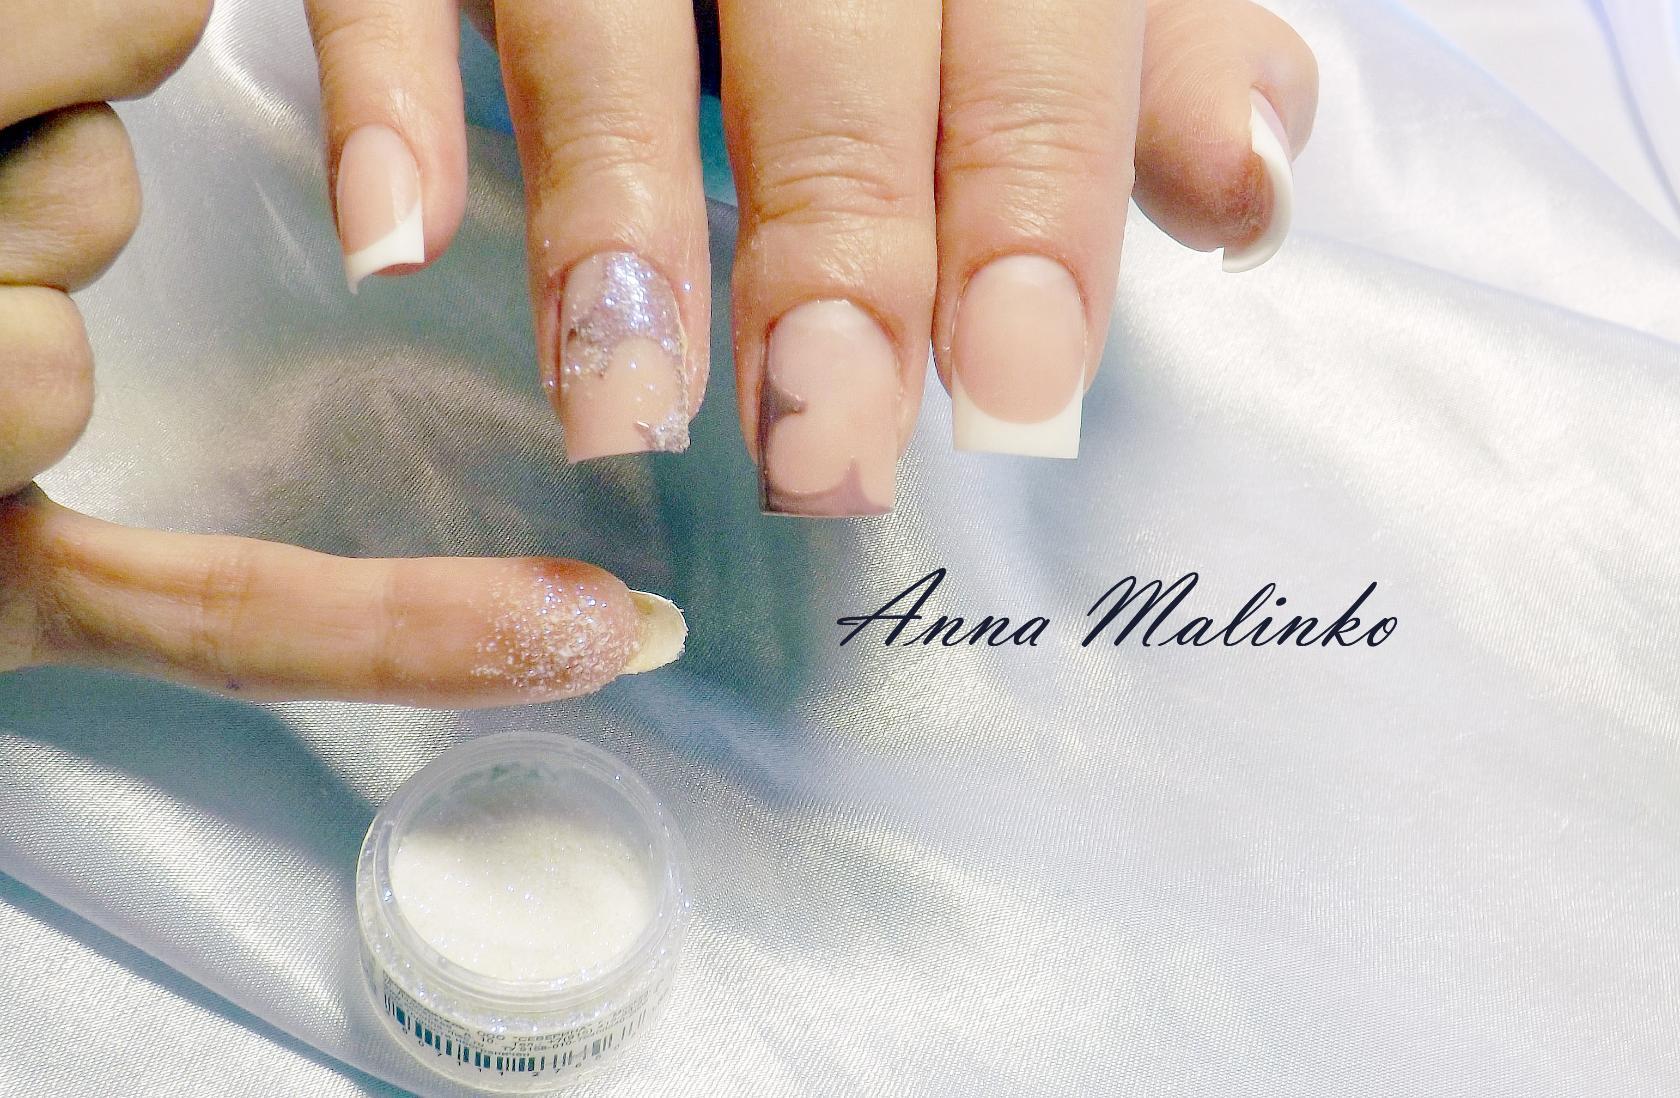 Каучуковое укрепление ногтей фото